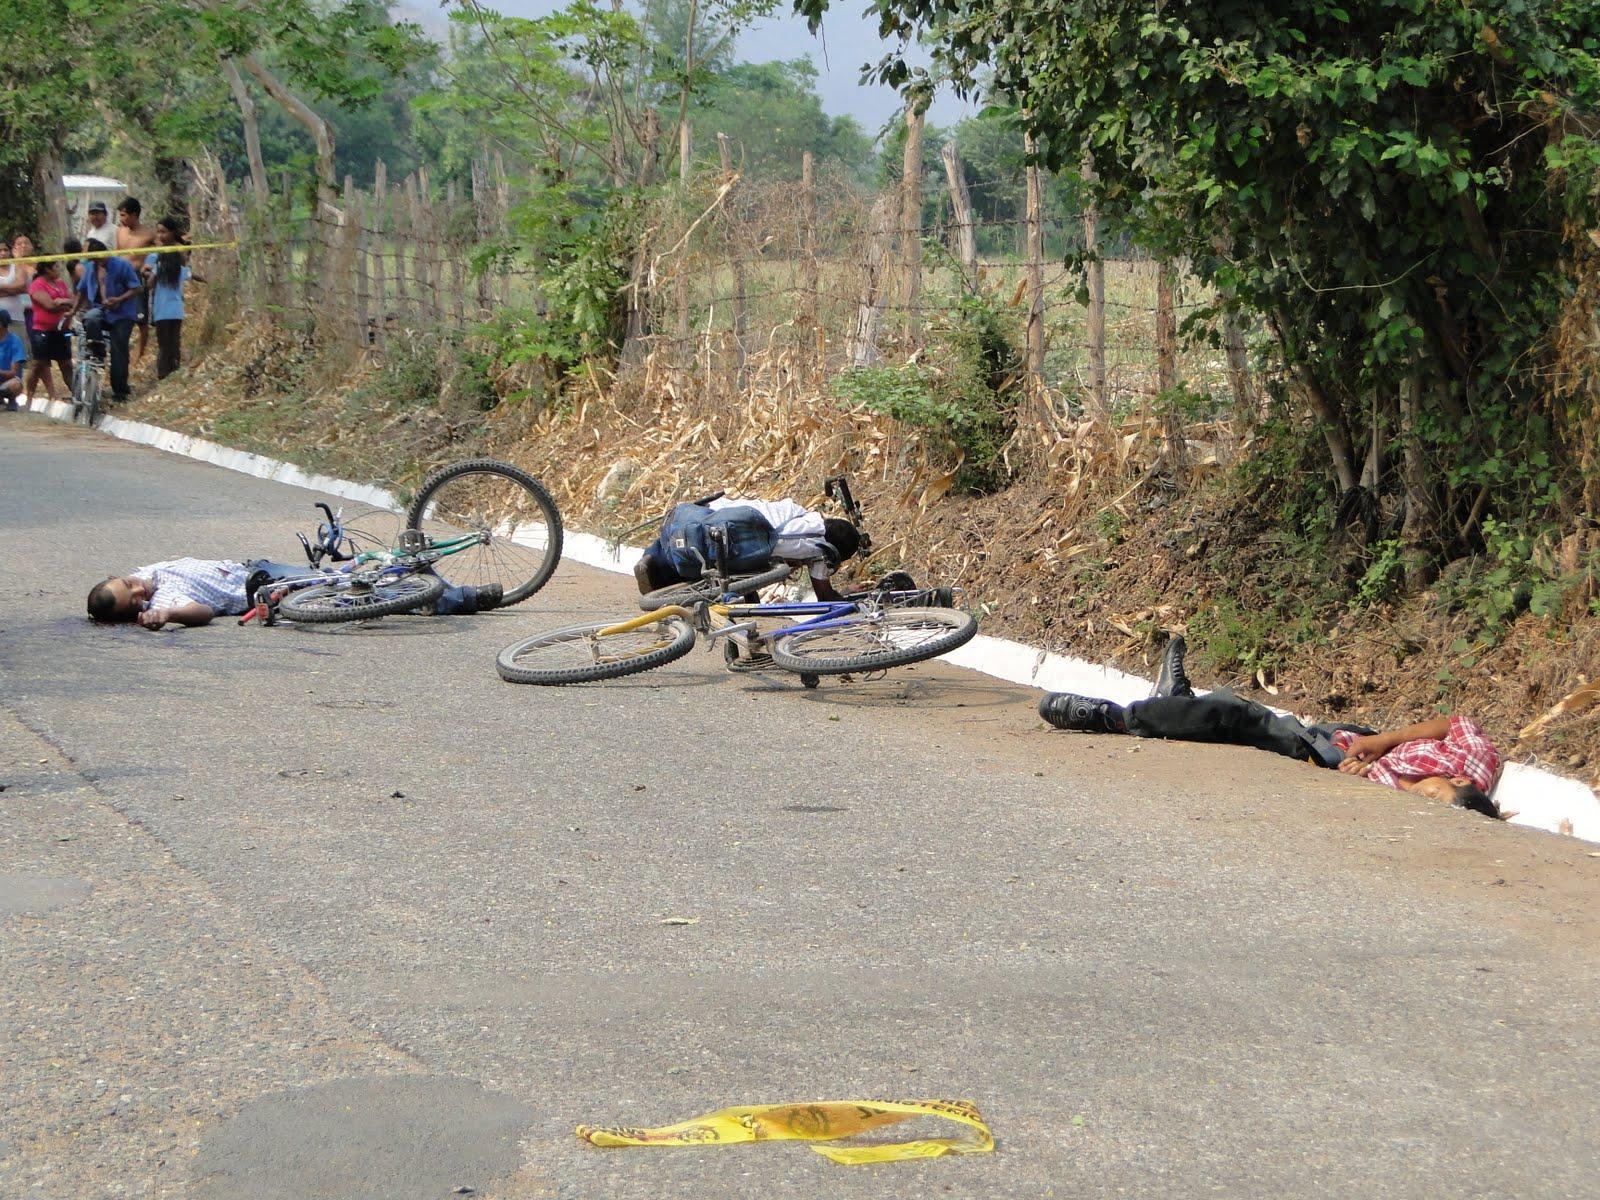 Noticias de zacapa guatemala matan a tres en el miercoles santo en